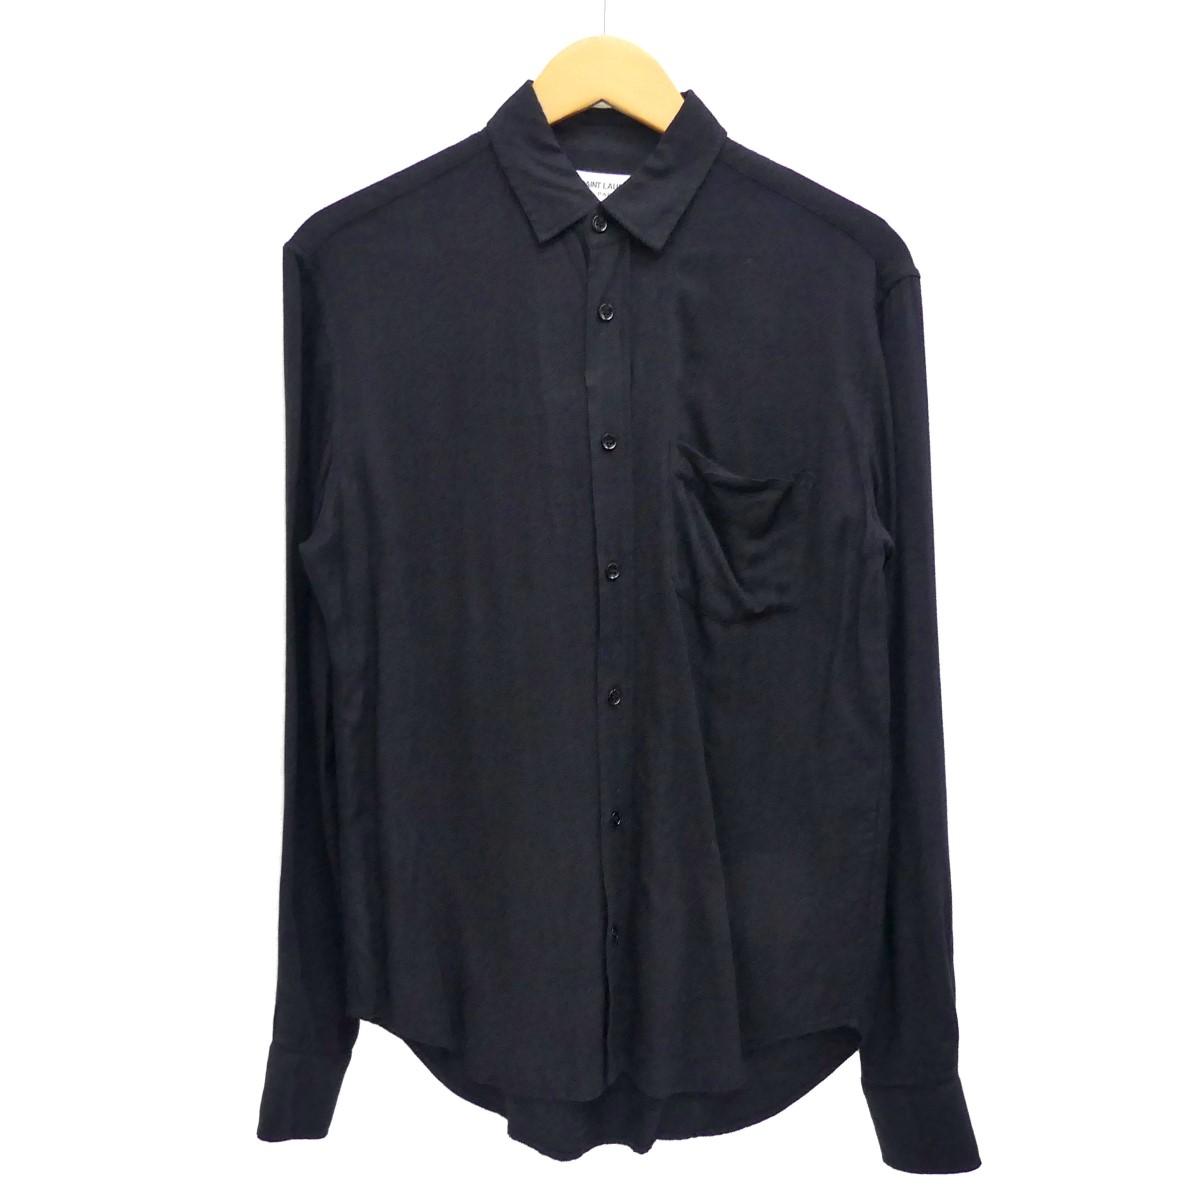 【中古】SAINT LAURENT PARIS 胸ポケットコットンシャツ ブラック サイズ:14 1/2-37 【230420】(サンローランパリ)